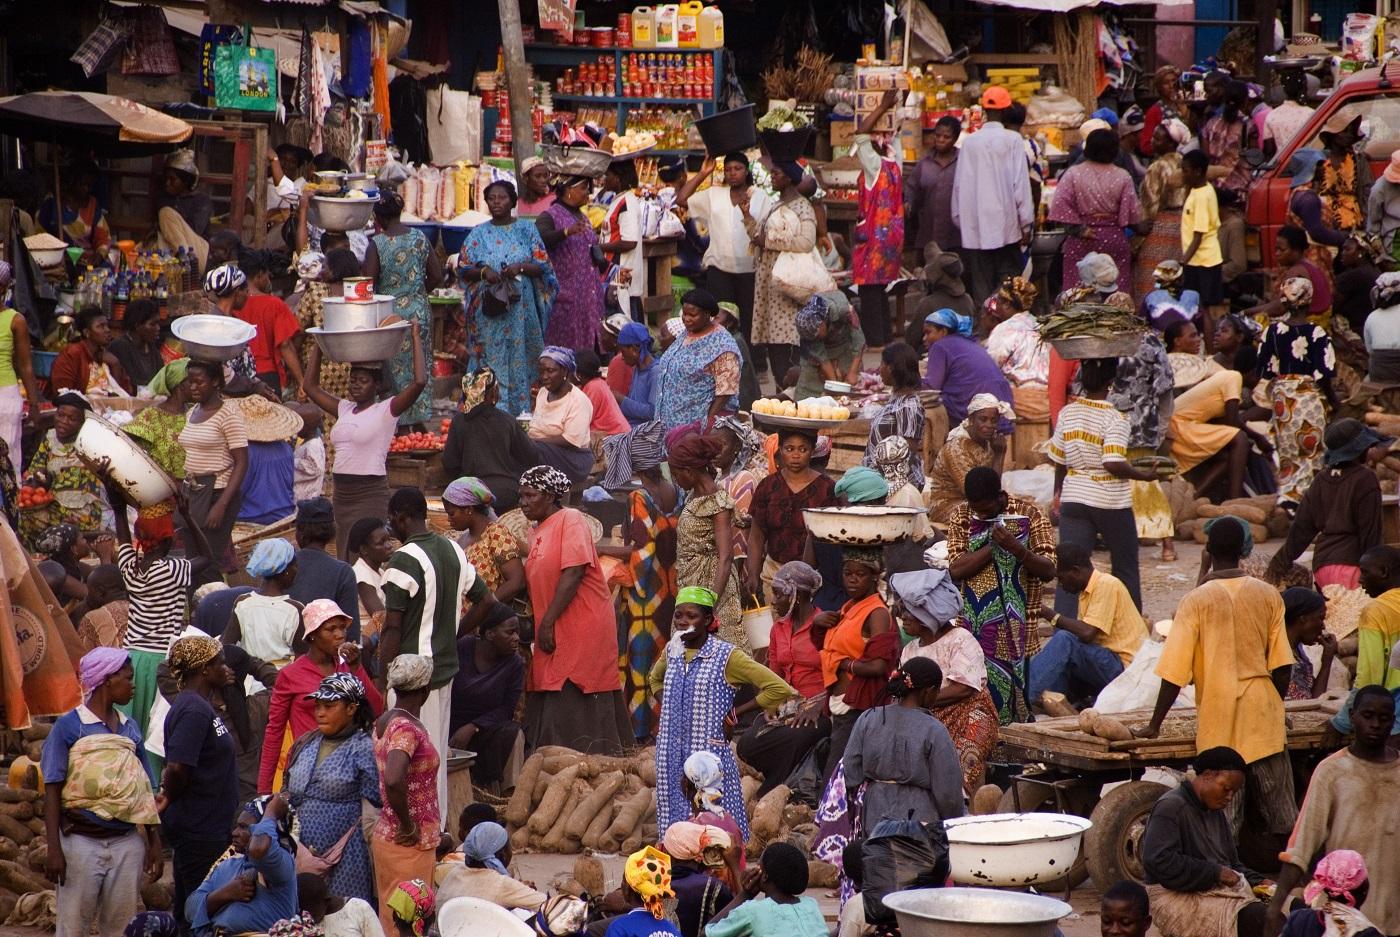 poverty in ghana